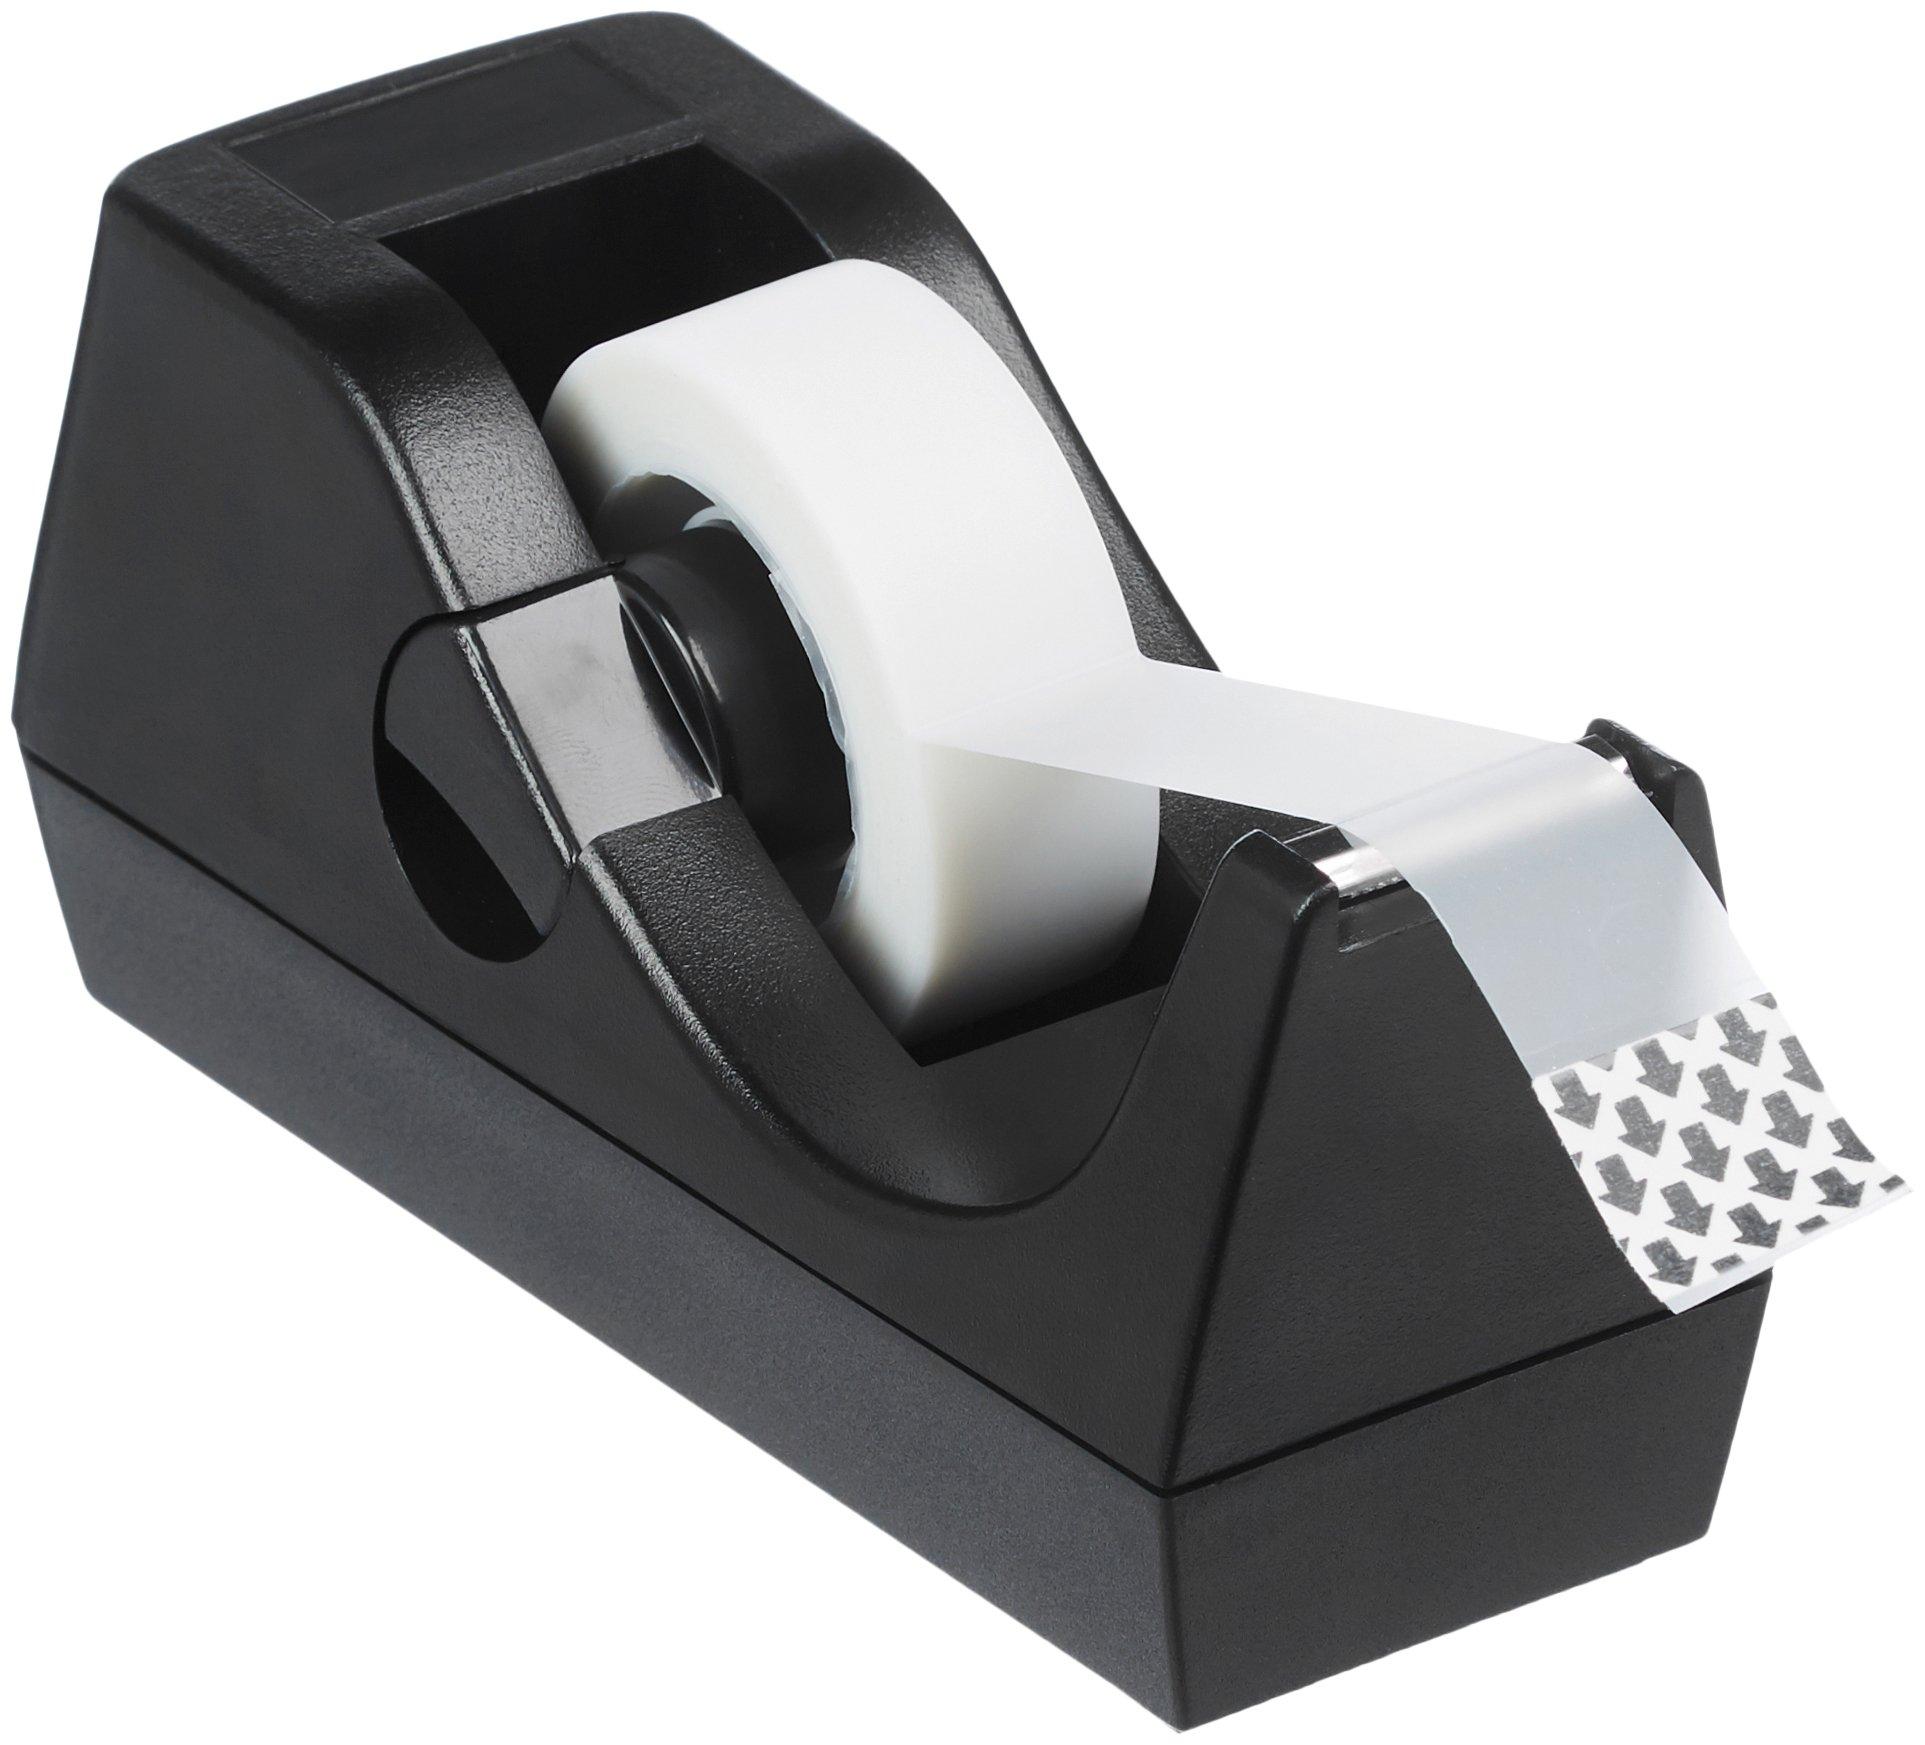 AmazonBasics Tape Dispenser - 3-Pack by AmazonBasics (Image #2)